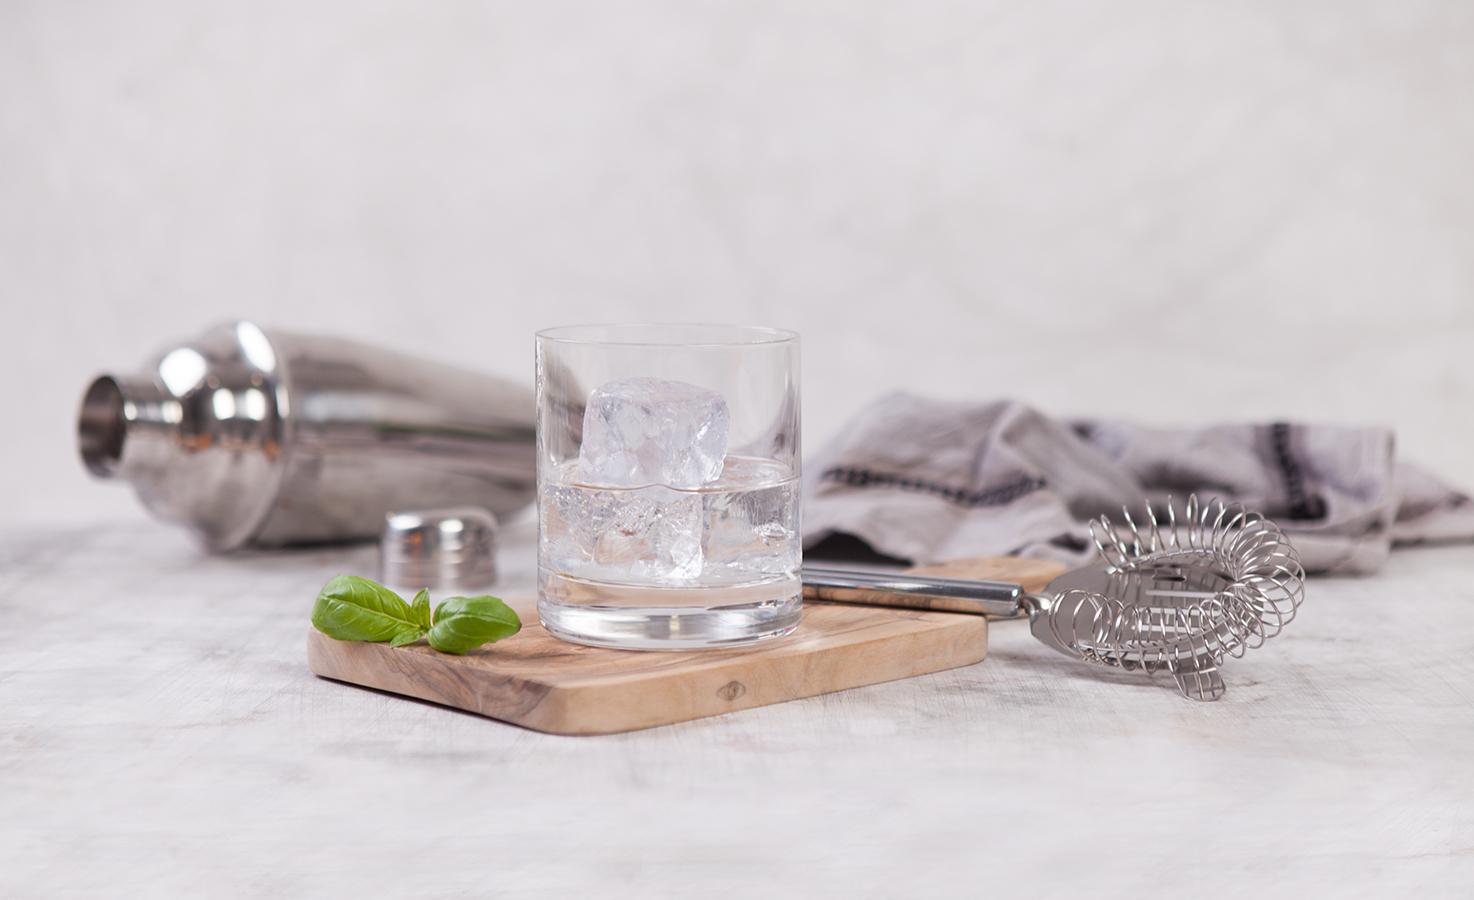 016_Simon-s_Bavarian_Gin_pur